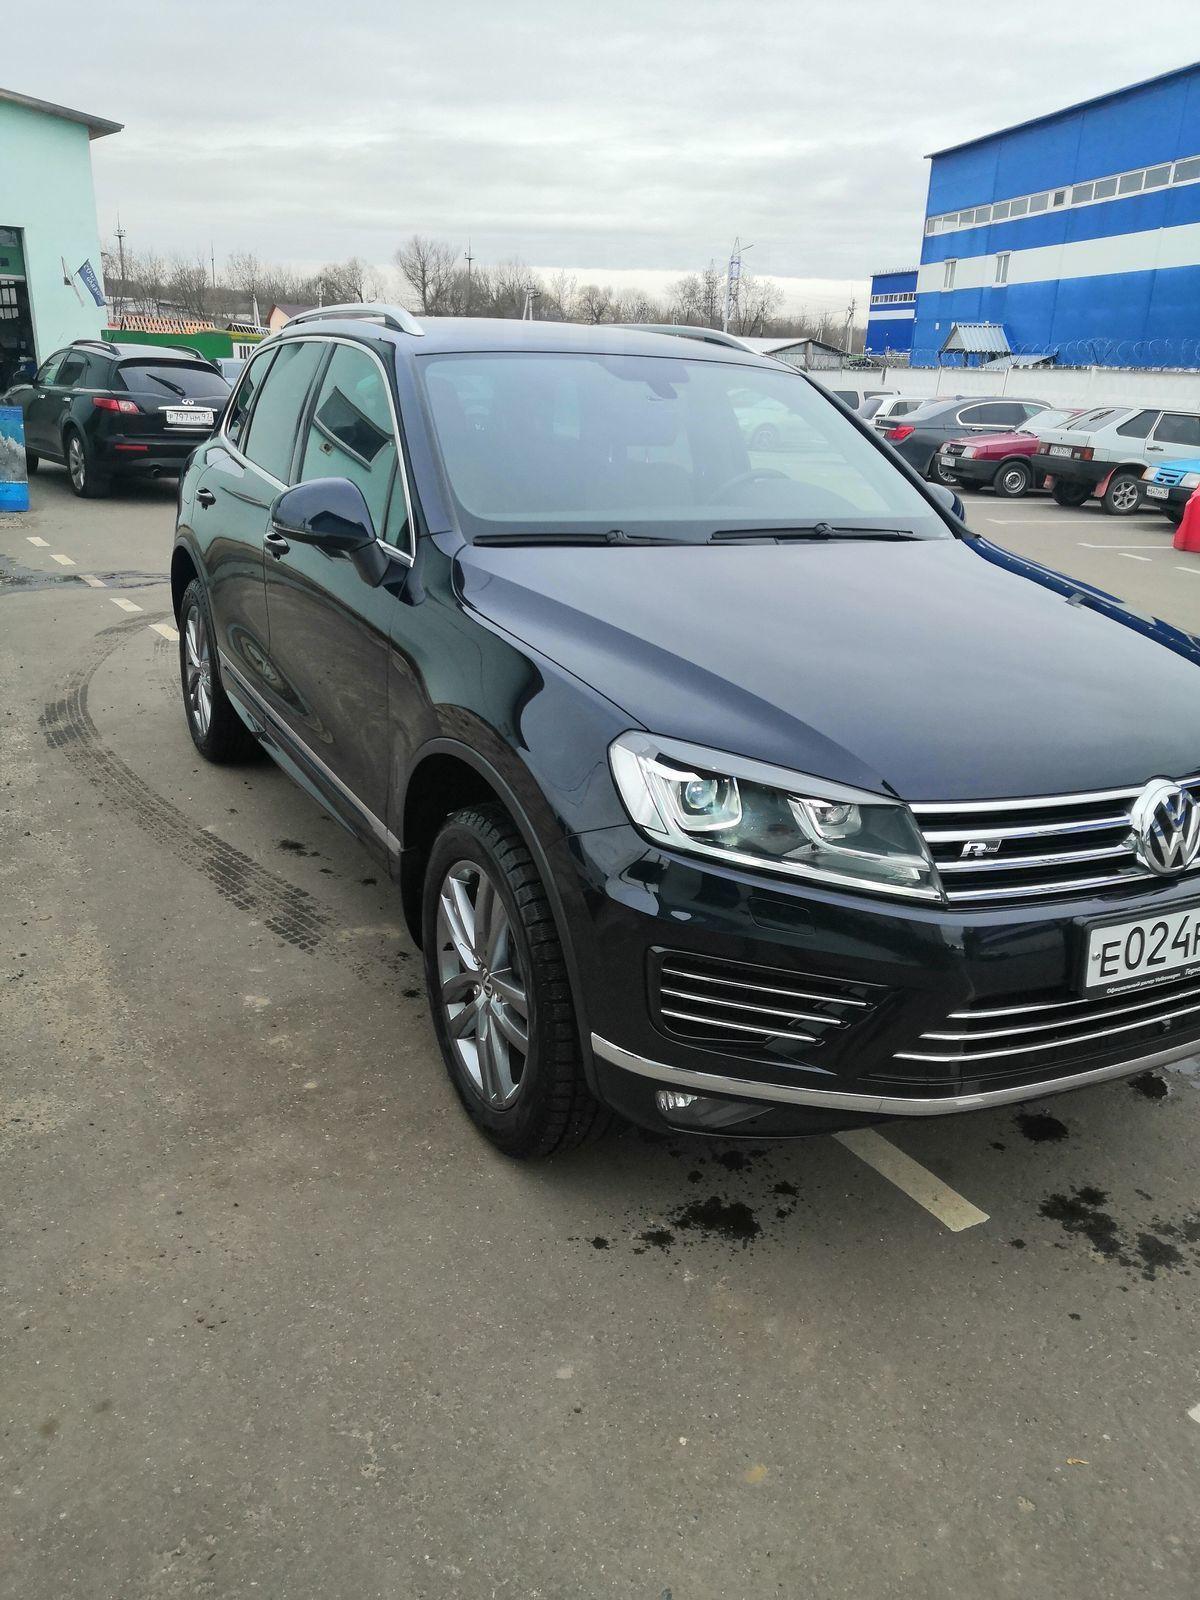 Продам Volkswagen Touareg в Одессе 2013 года выпуска за 23 299$ | 1600x1200